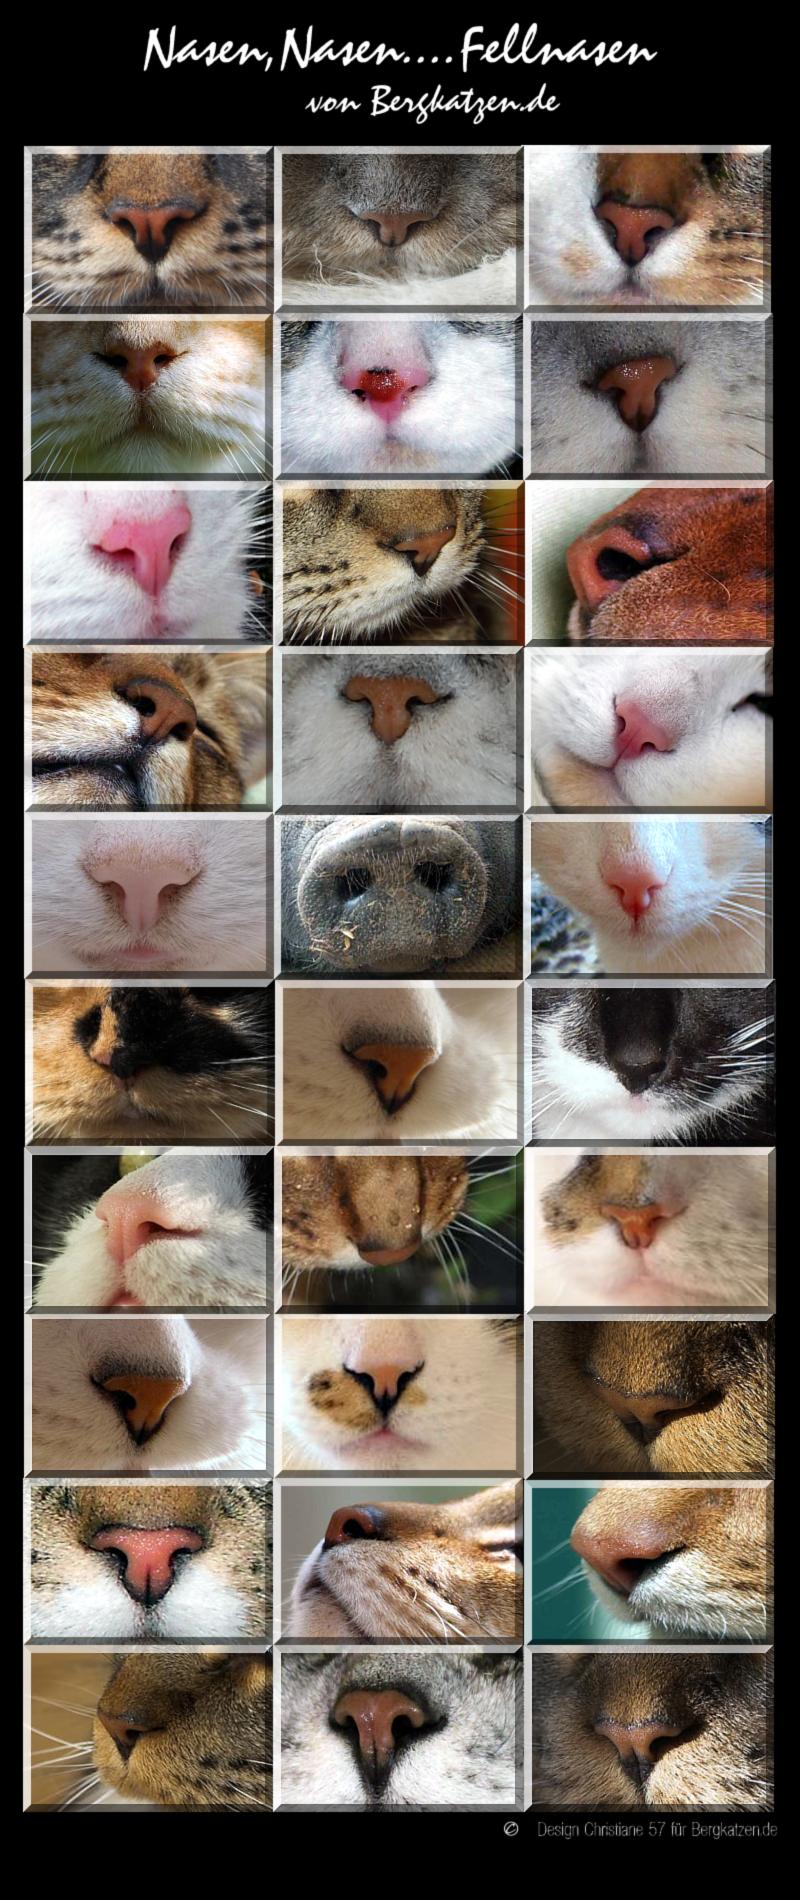 Nasen,Nasen -Fellnasen - Katzen Forum Bergkatzen